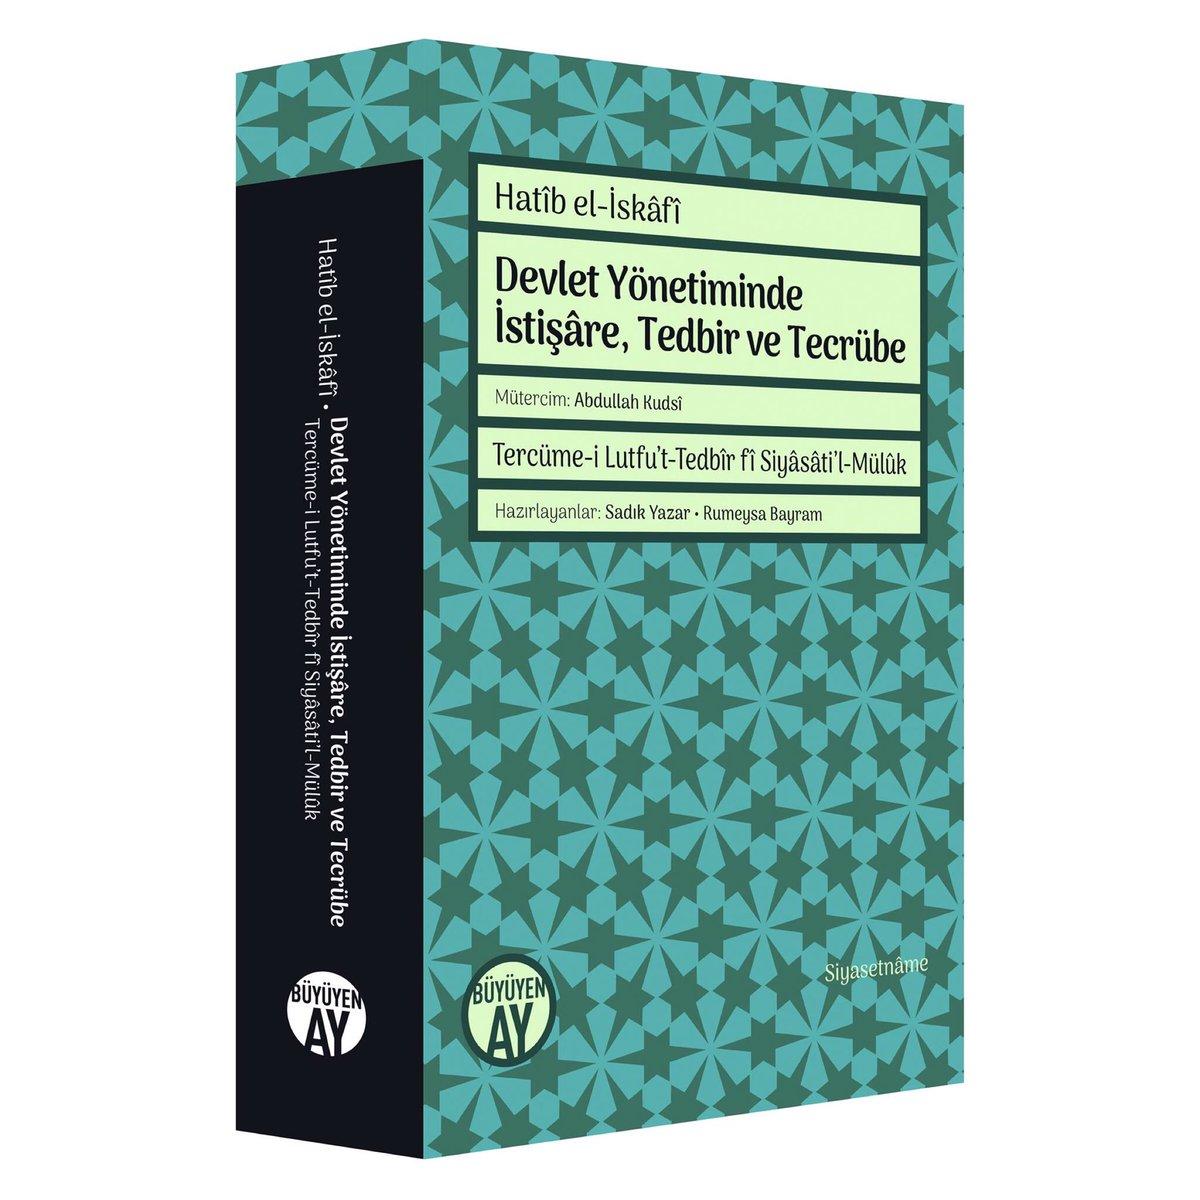 """Yeni kitabımız: Hatîb el-İskâfî'nin kaleme aldığı ve Osmanlı müelliflerinden Abdullah Kudsî'nin tecüme ettiği """"Devlet Yönetiminde İstişâre, Tedbir ve Tecrübe"""" III. Ahmed'e (1703-1730) Sunulan Siyasetnâme."""